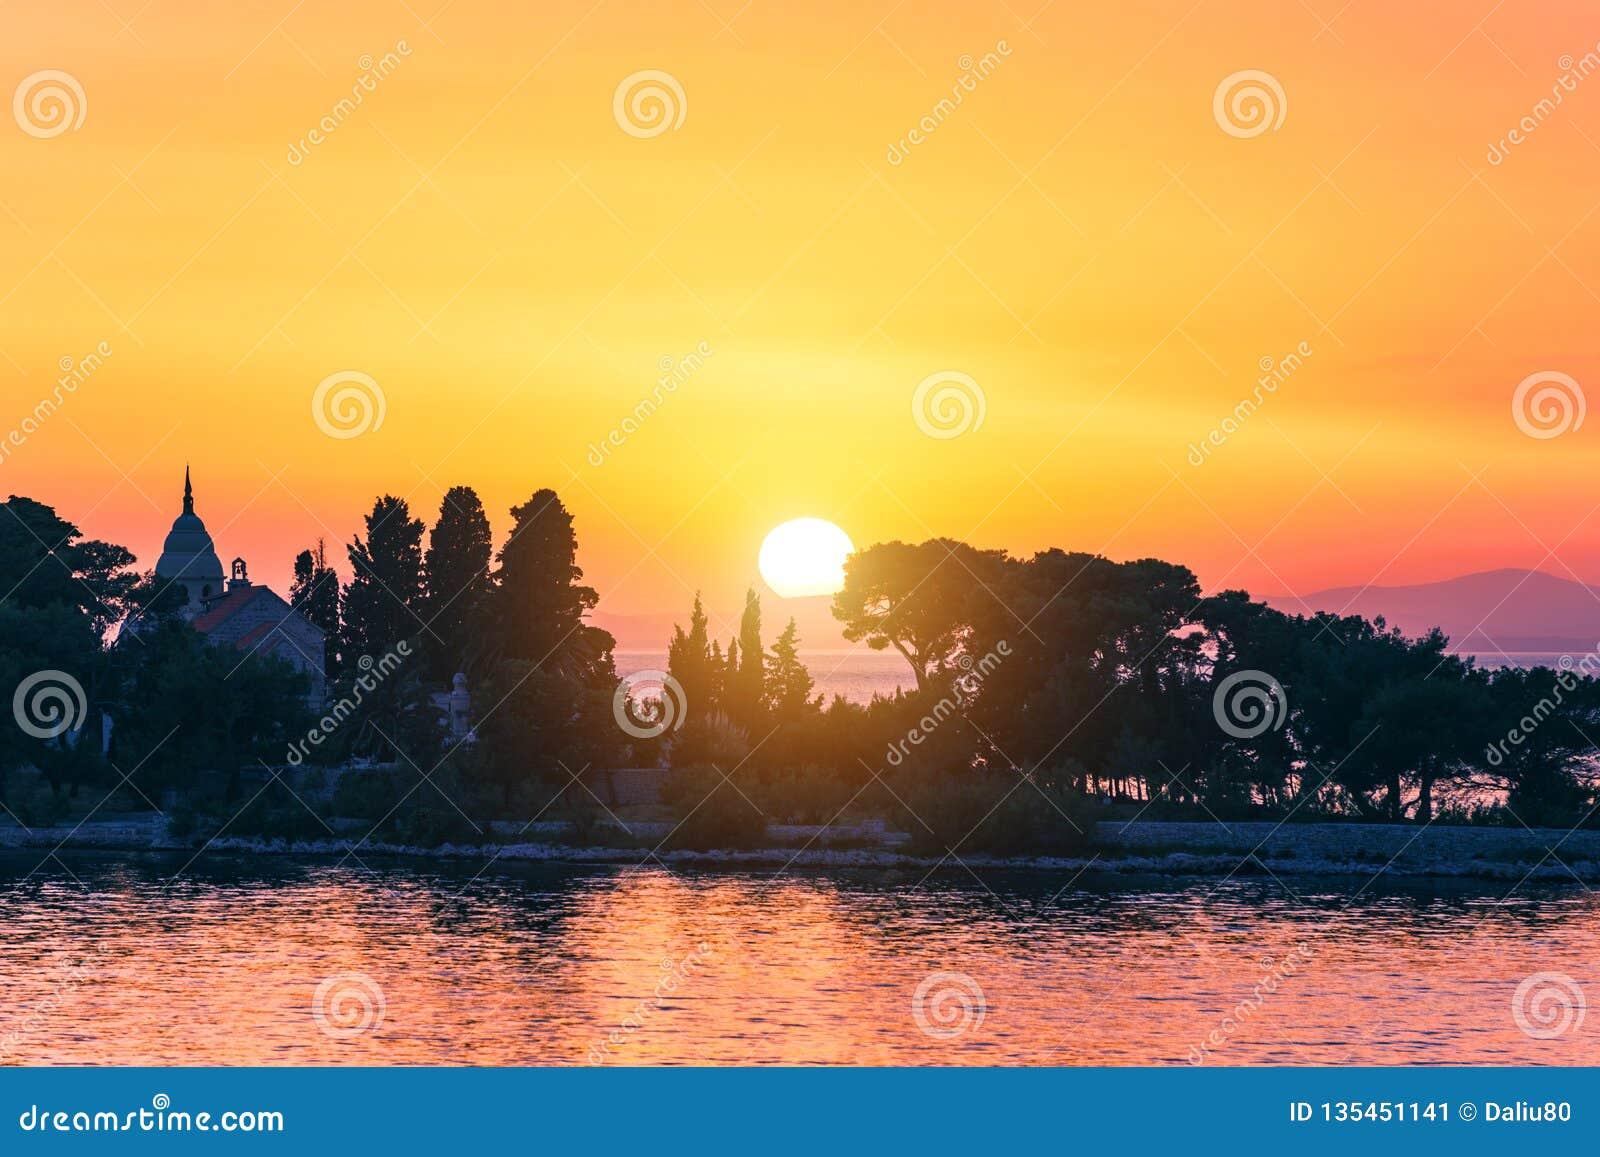 Ουρανός ηλιοβασιλέματος ή ανατολής επάνω από τη θάλασσα Φύση, καιρός, ατμόσφαιρα, θέμα ταξιδιού Ανατολή ή ηλιοβασίλεμα πέρα από τ